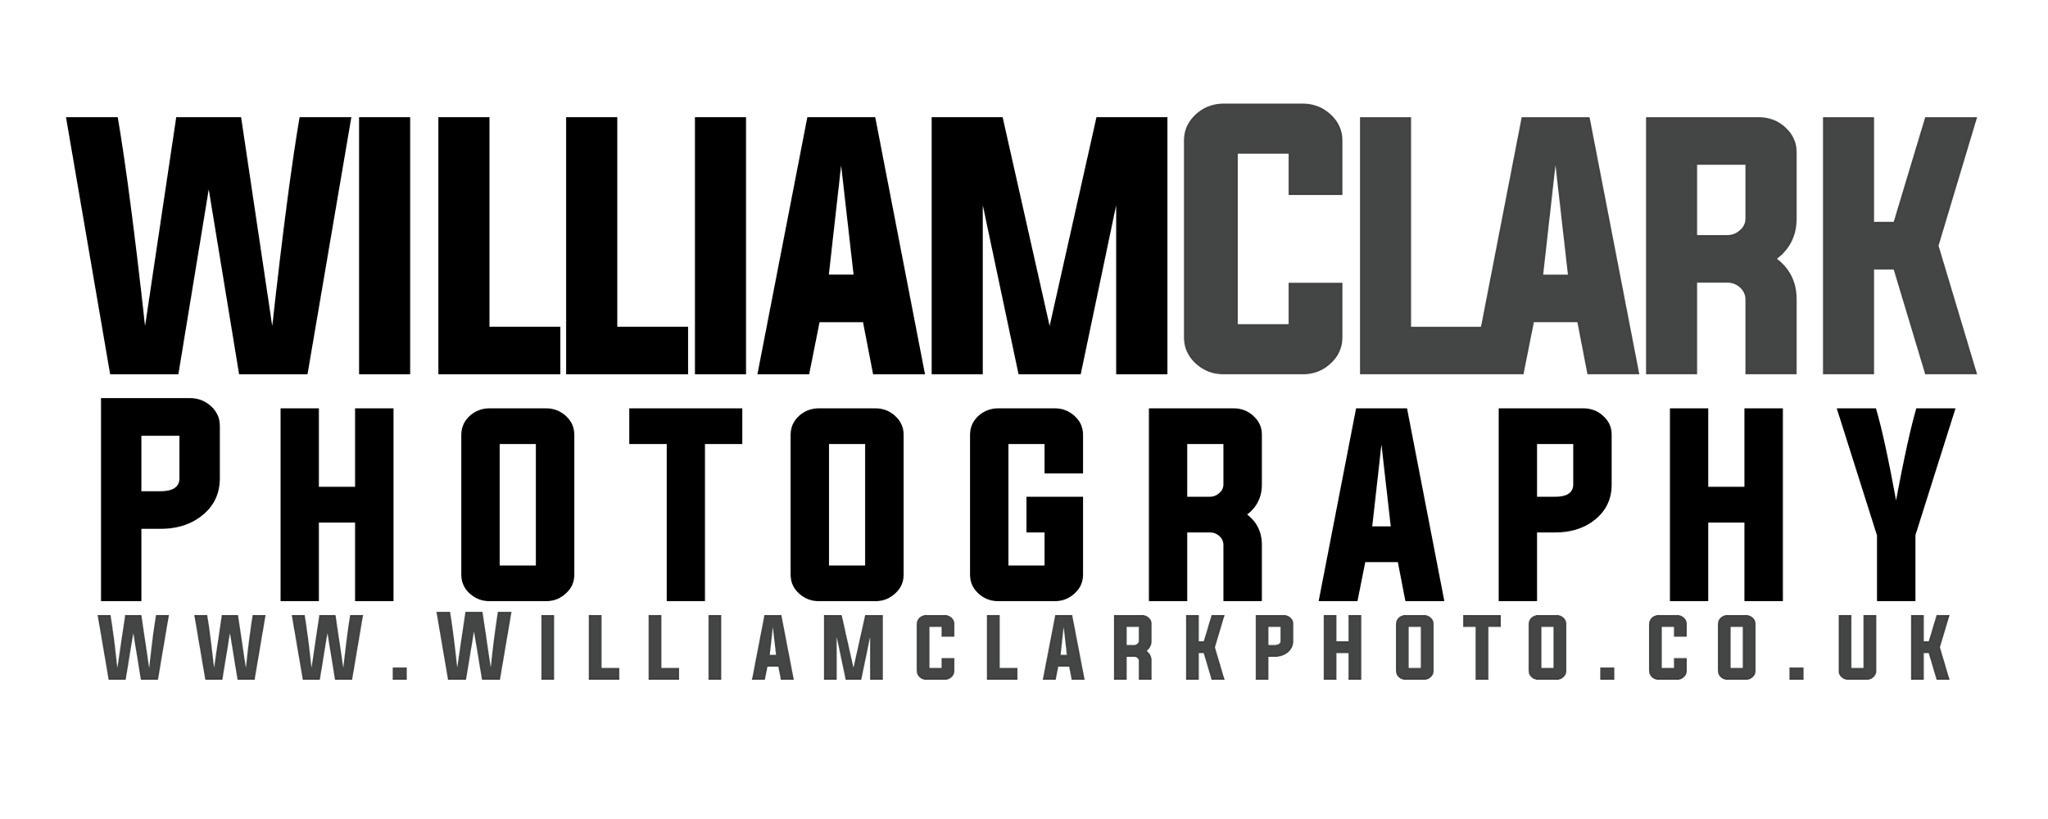 William Clark (@williamclarkphoto) Cover Image